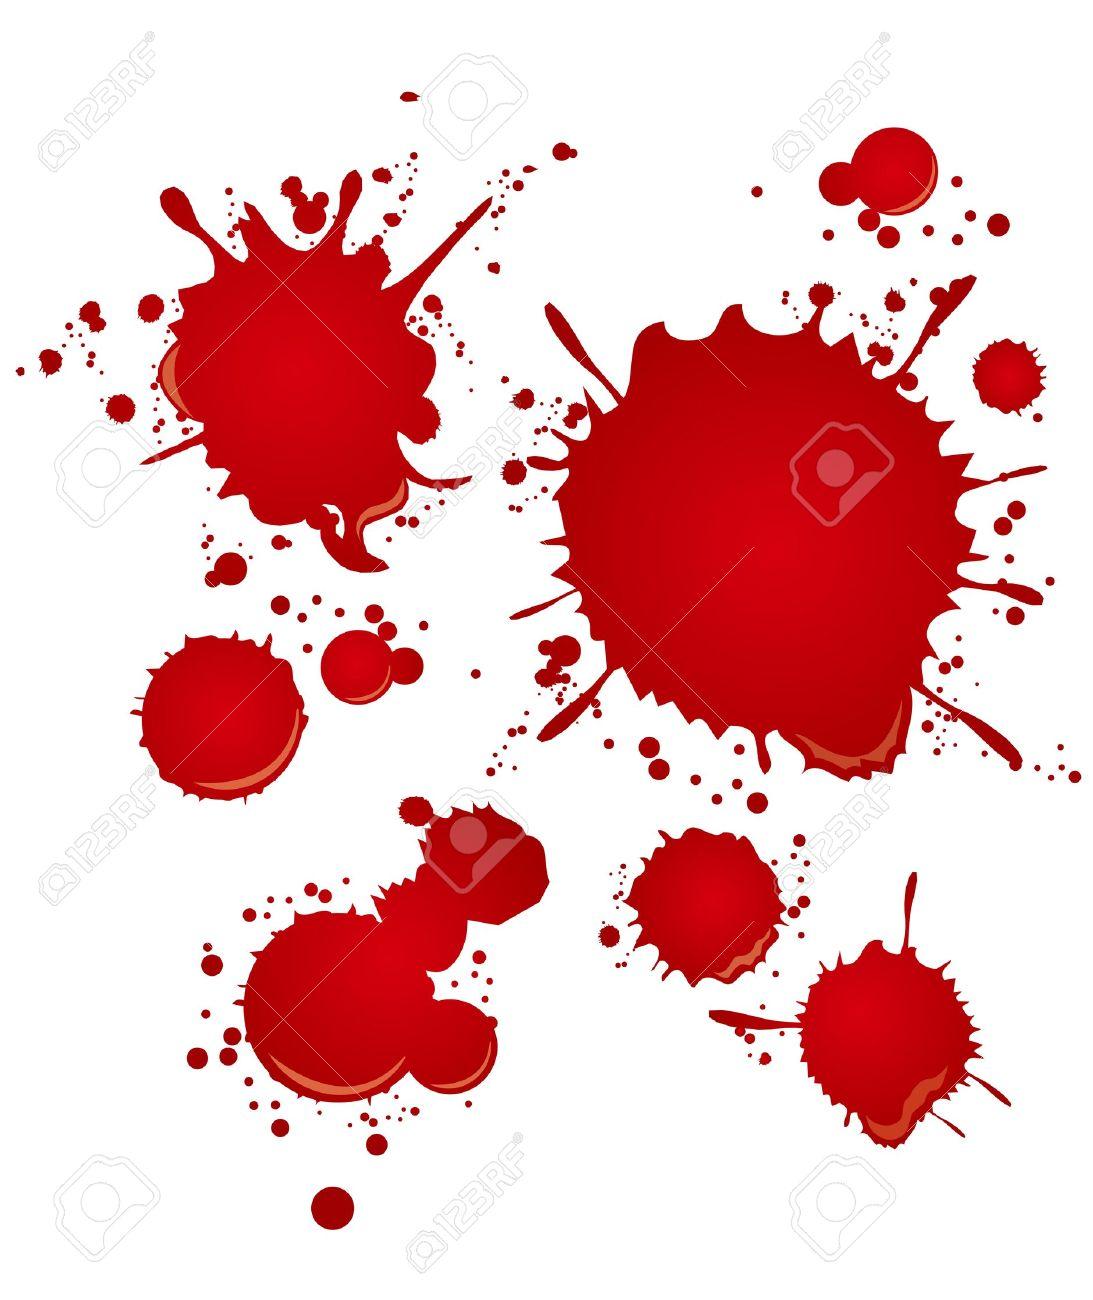 blood set - 16849458